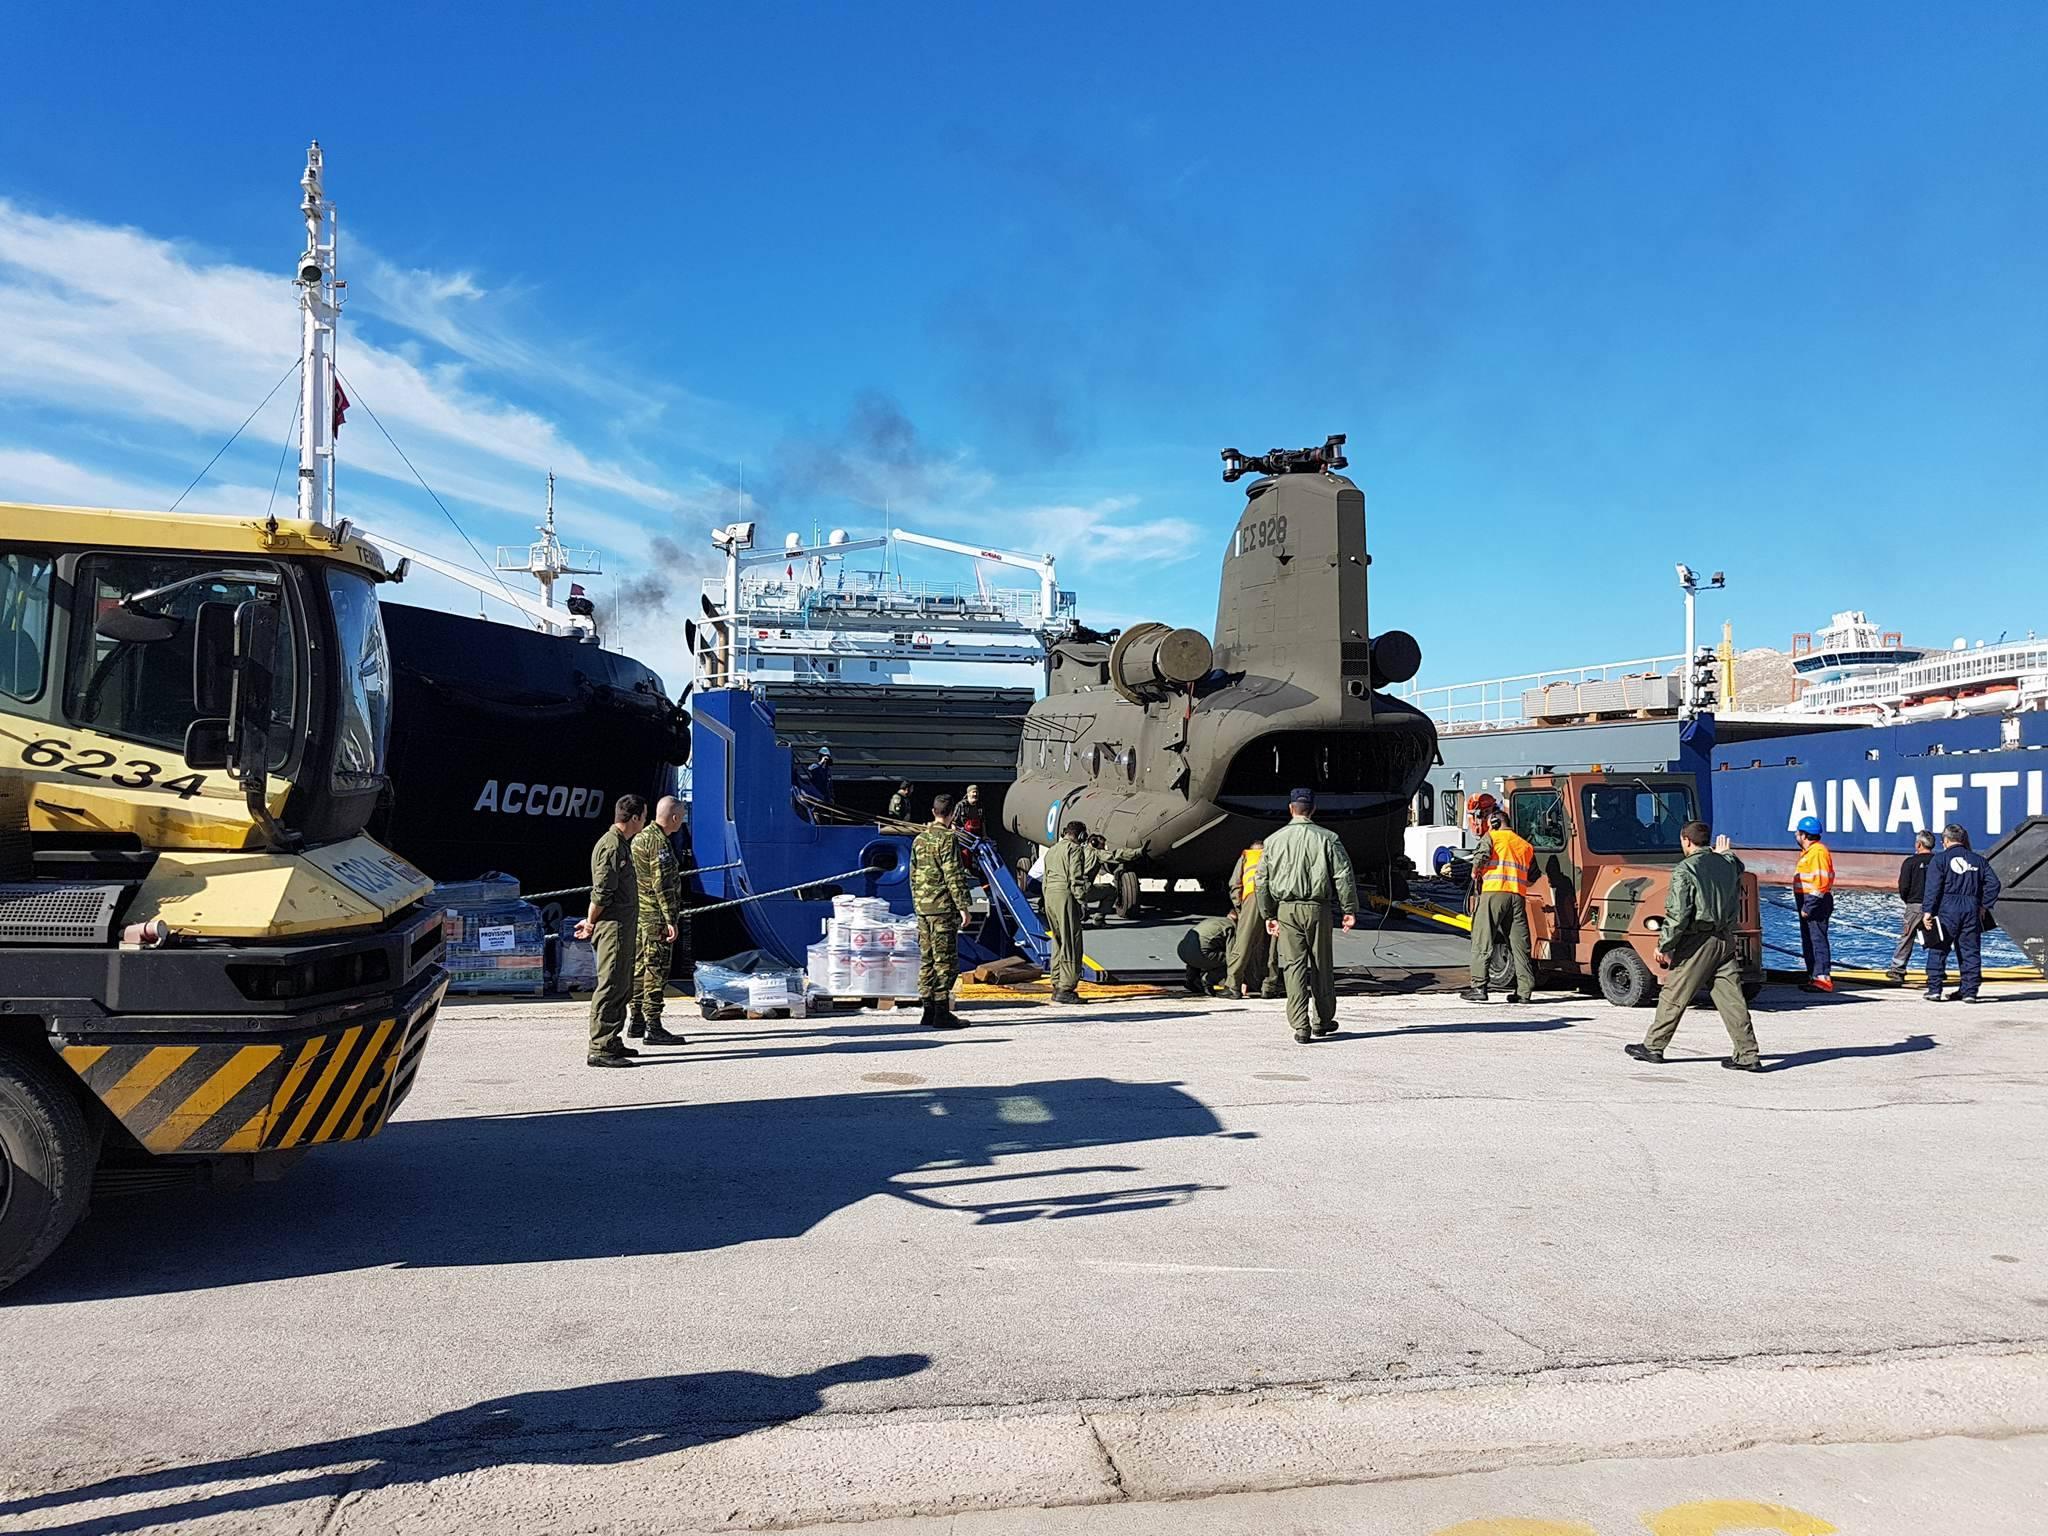 ΗΠΑ σε Ελλάδα: «Επανεξοπλισμός εδώ και τώρα, μην χάνετε χρόνο» – Εφτασαν τα πρώτα CH-47D Chinook – Ακολουθούν OH-58D Kiowa Warrior - Εικόνα10